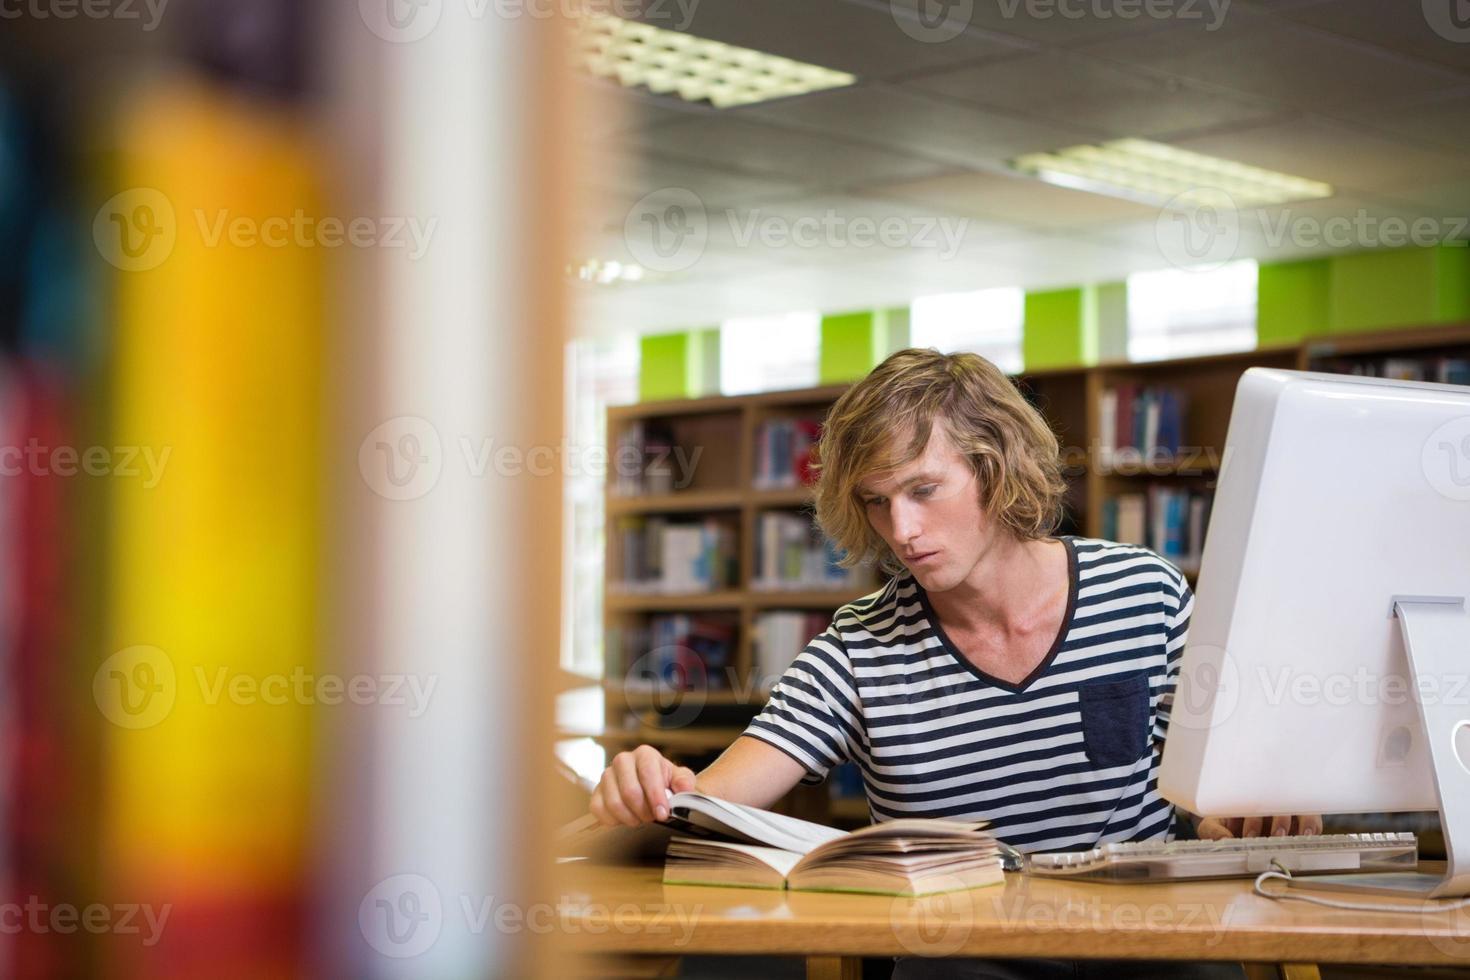 aluno estudando na biblioteca com o computador foto